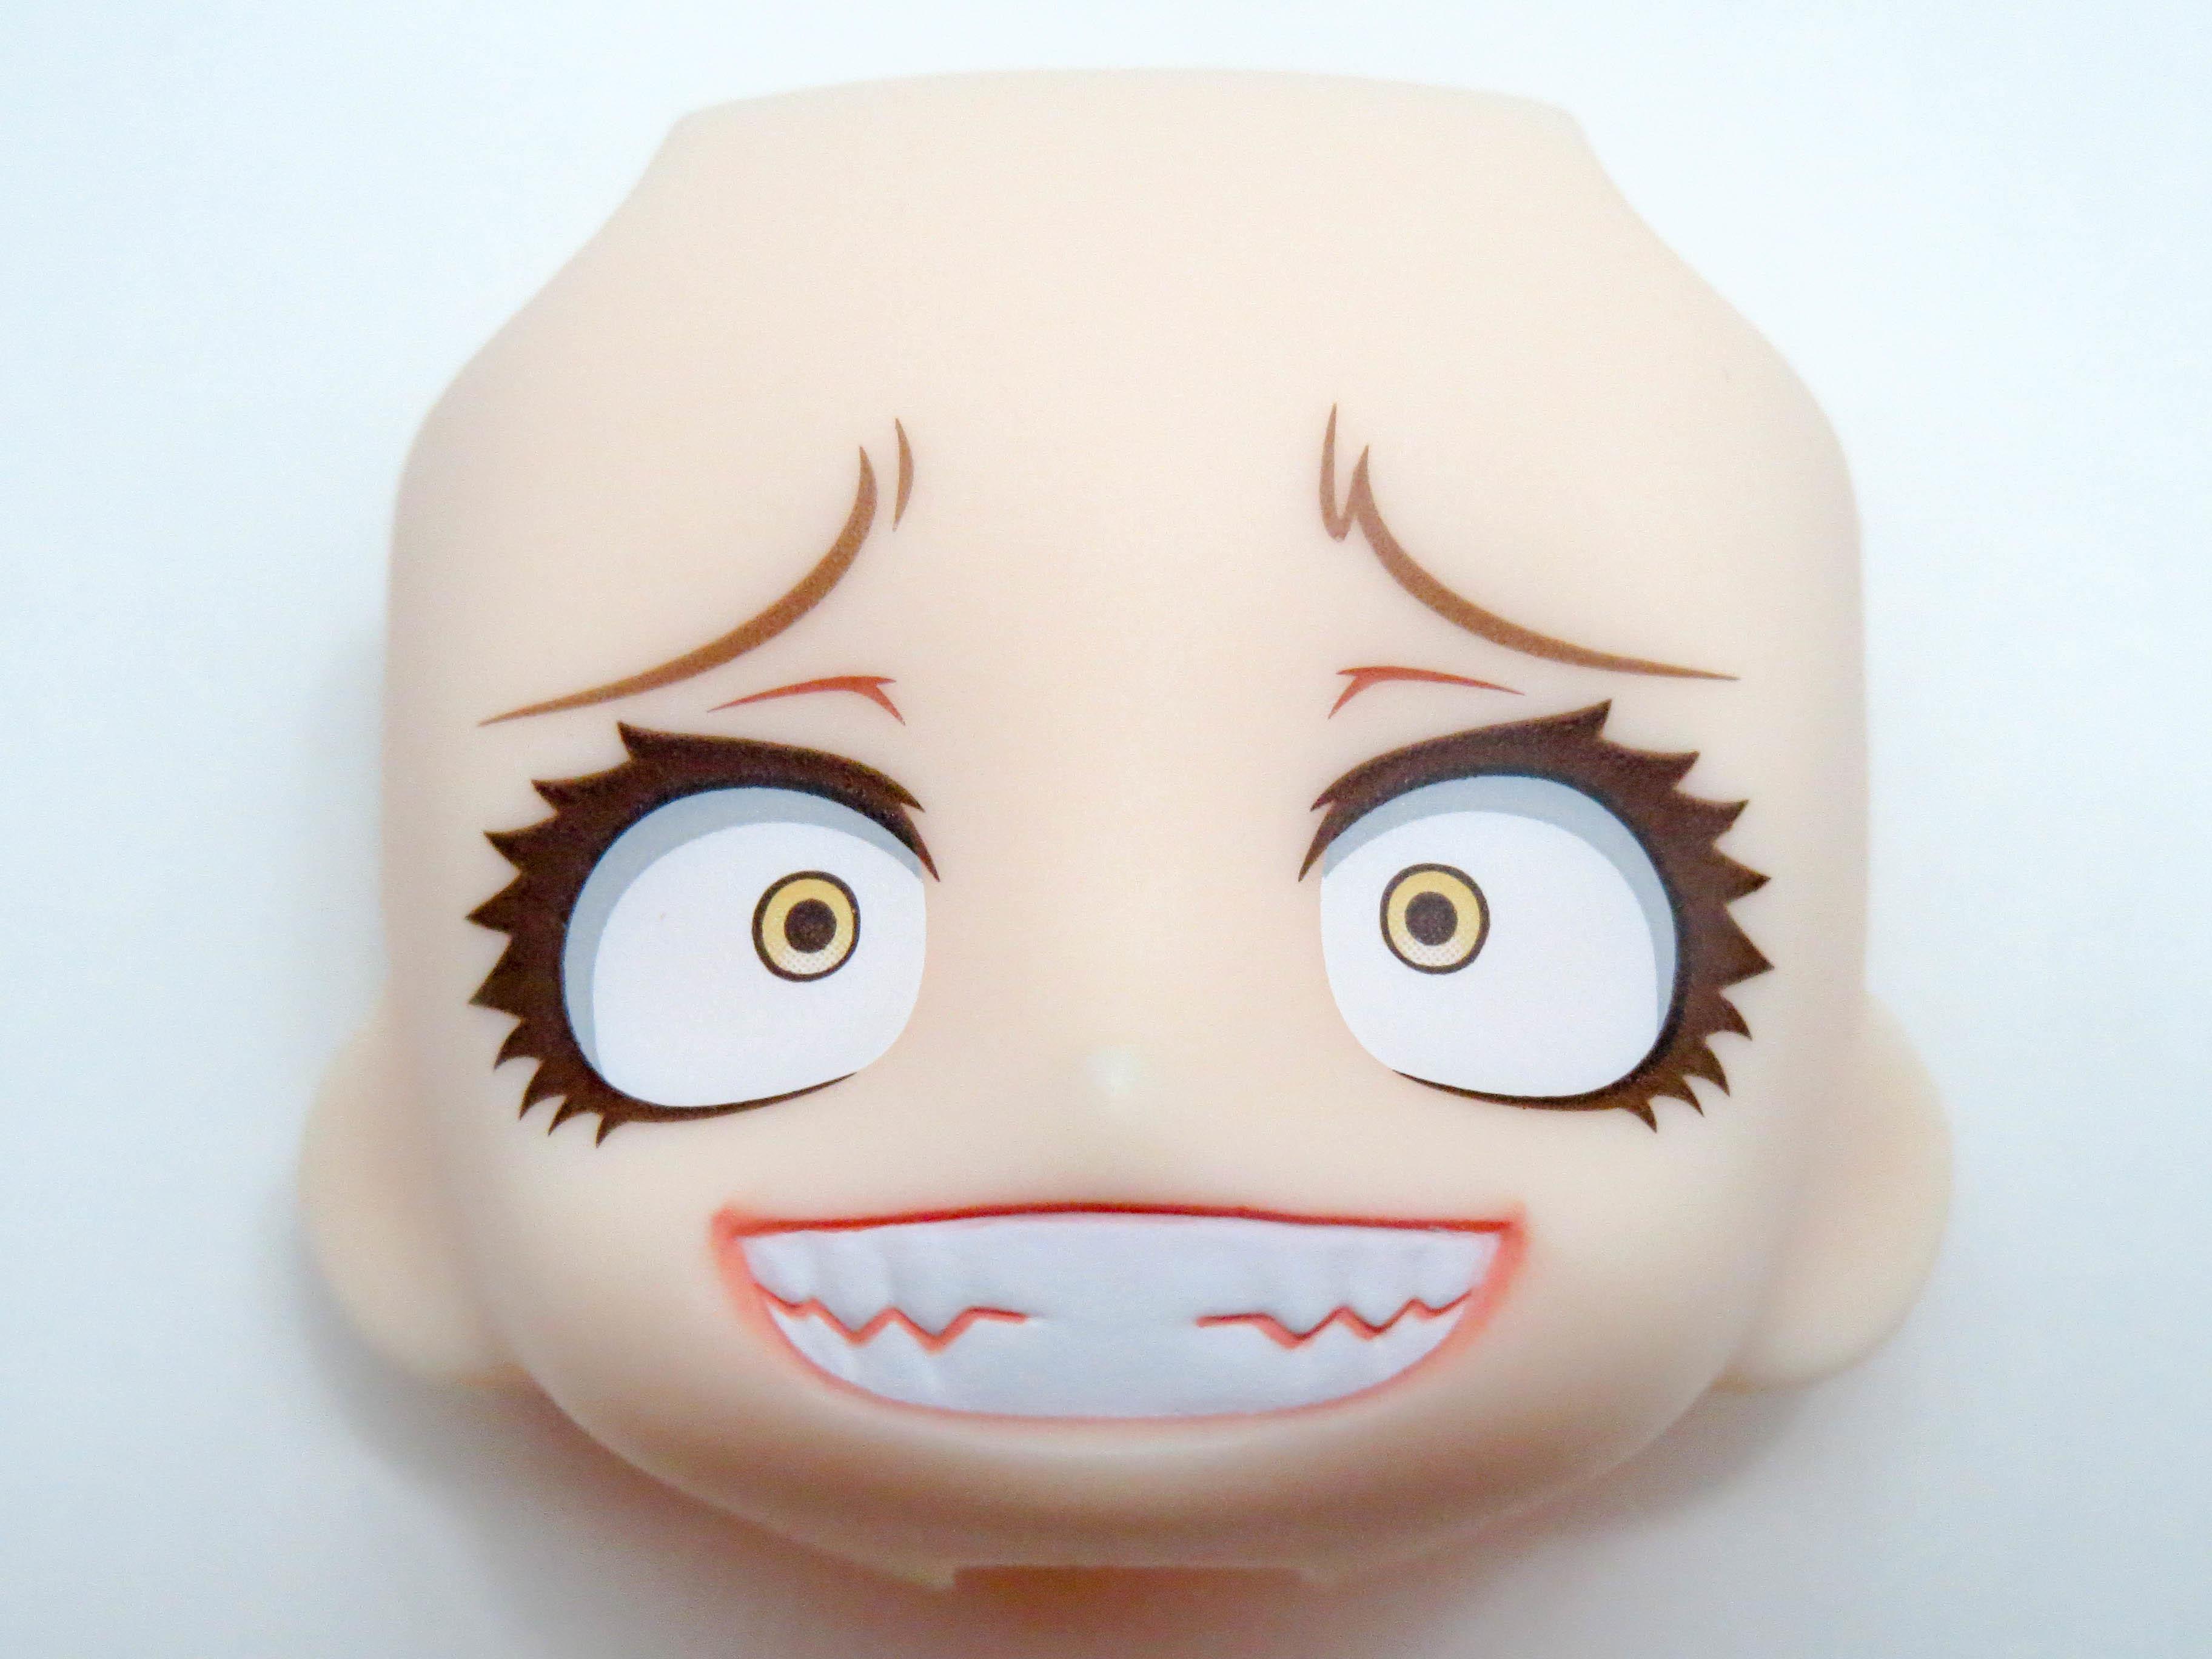 【784】 ターニャ・デグレチャフ 顔パーツ 狂気顔 ねんどろいど